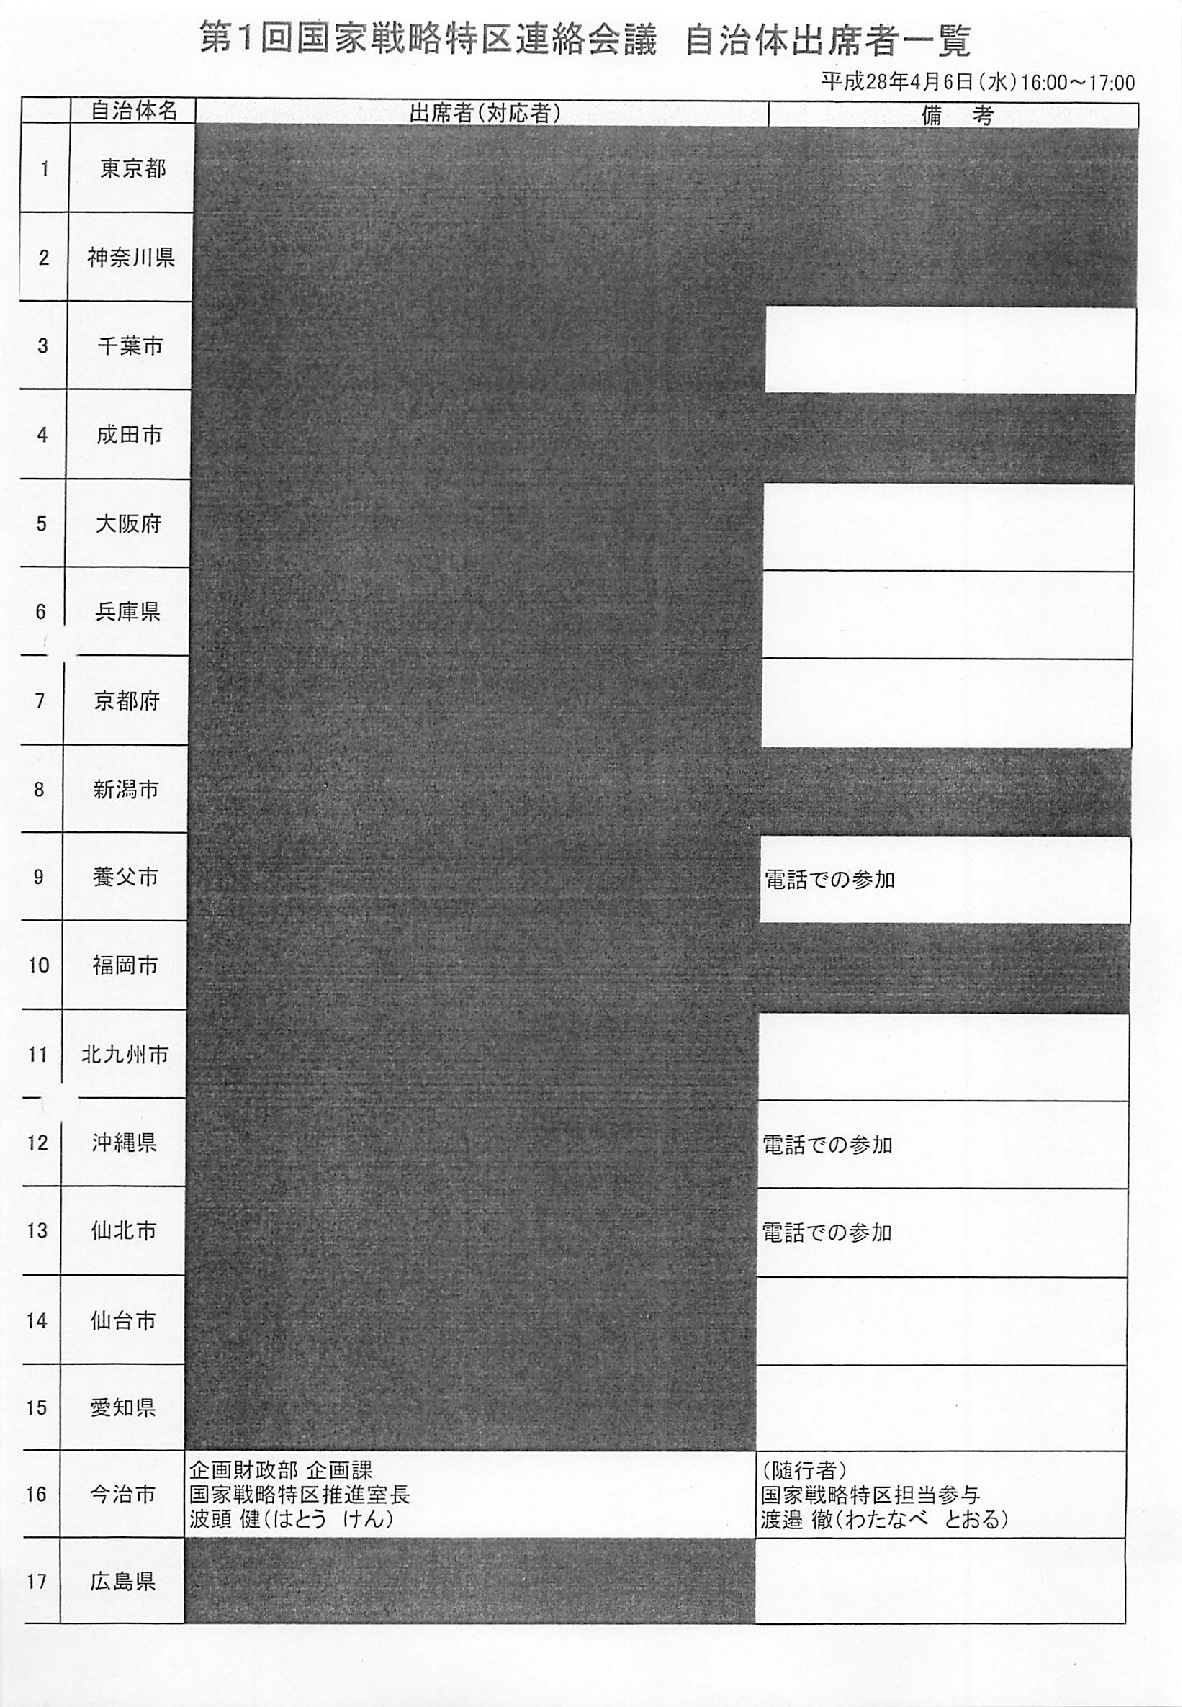 今治市 20160406-7 国家戦略特区連絡会議 国交副大臣面会 (7)